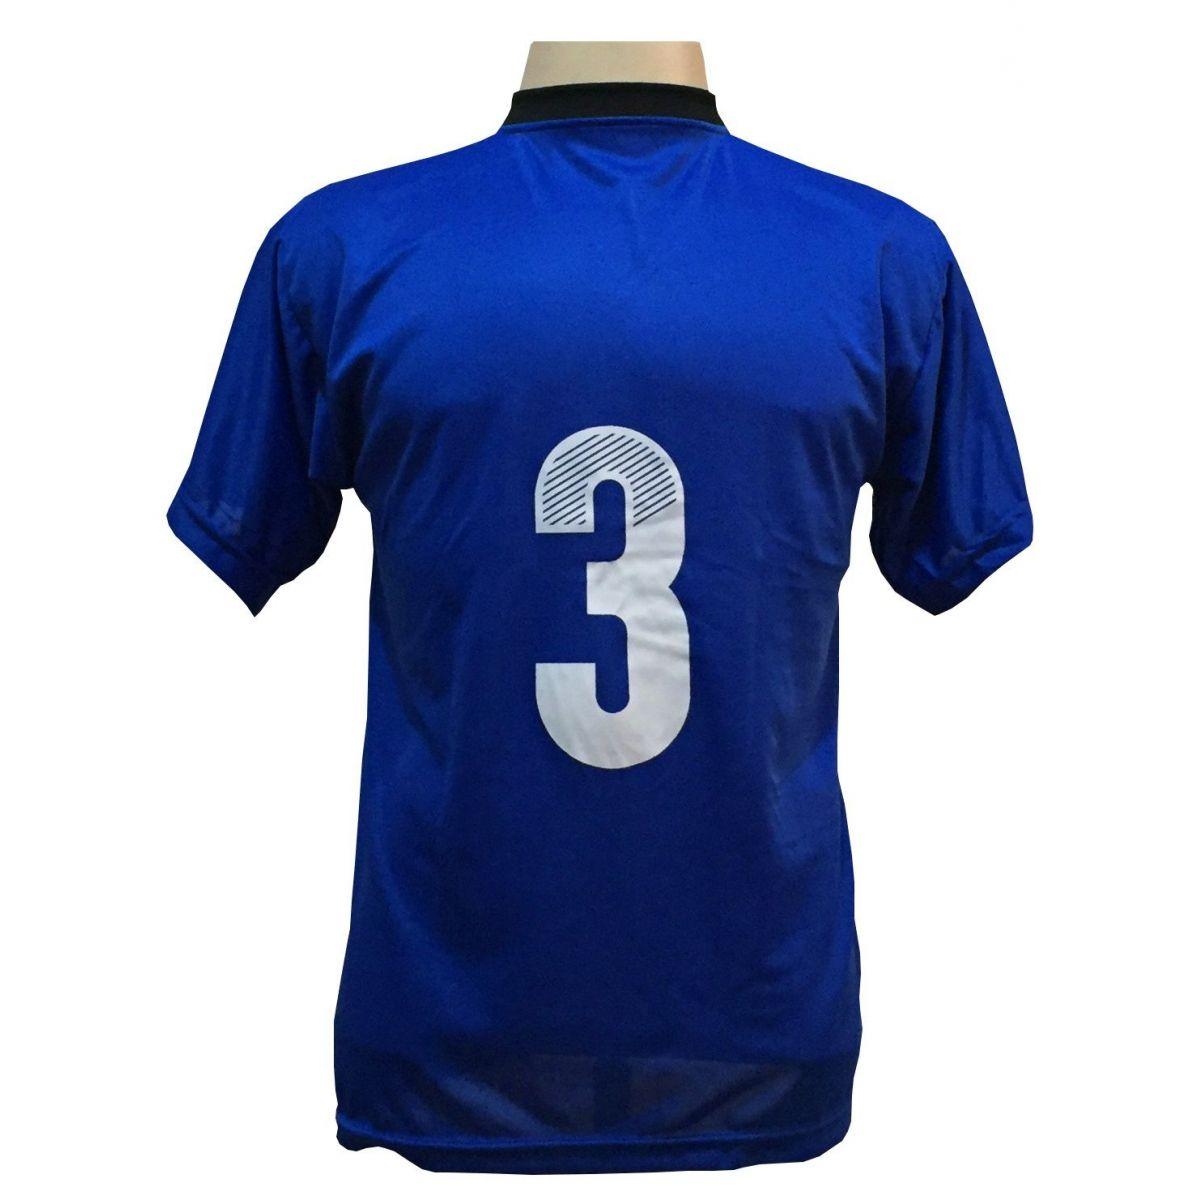 Uniforme Esportivo com 12 Camisas modelo Roma Royal/Preto + 12 Calções modelo Madrid Royal + 12 Pares de meiões Royal